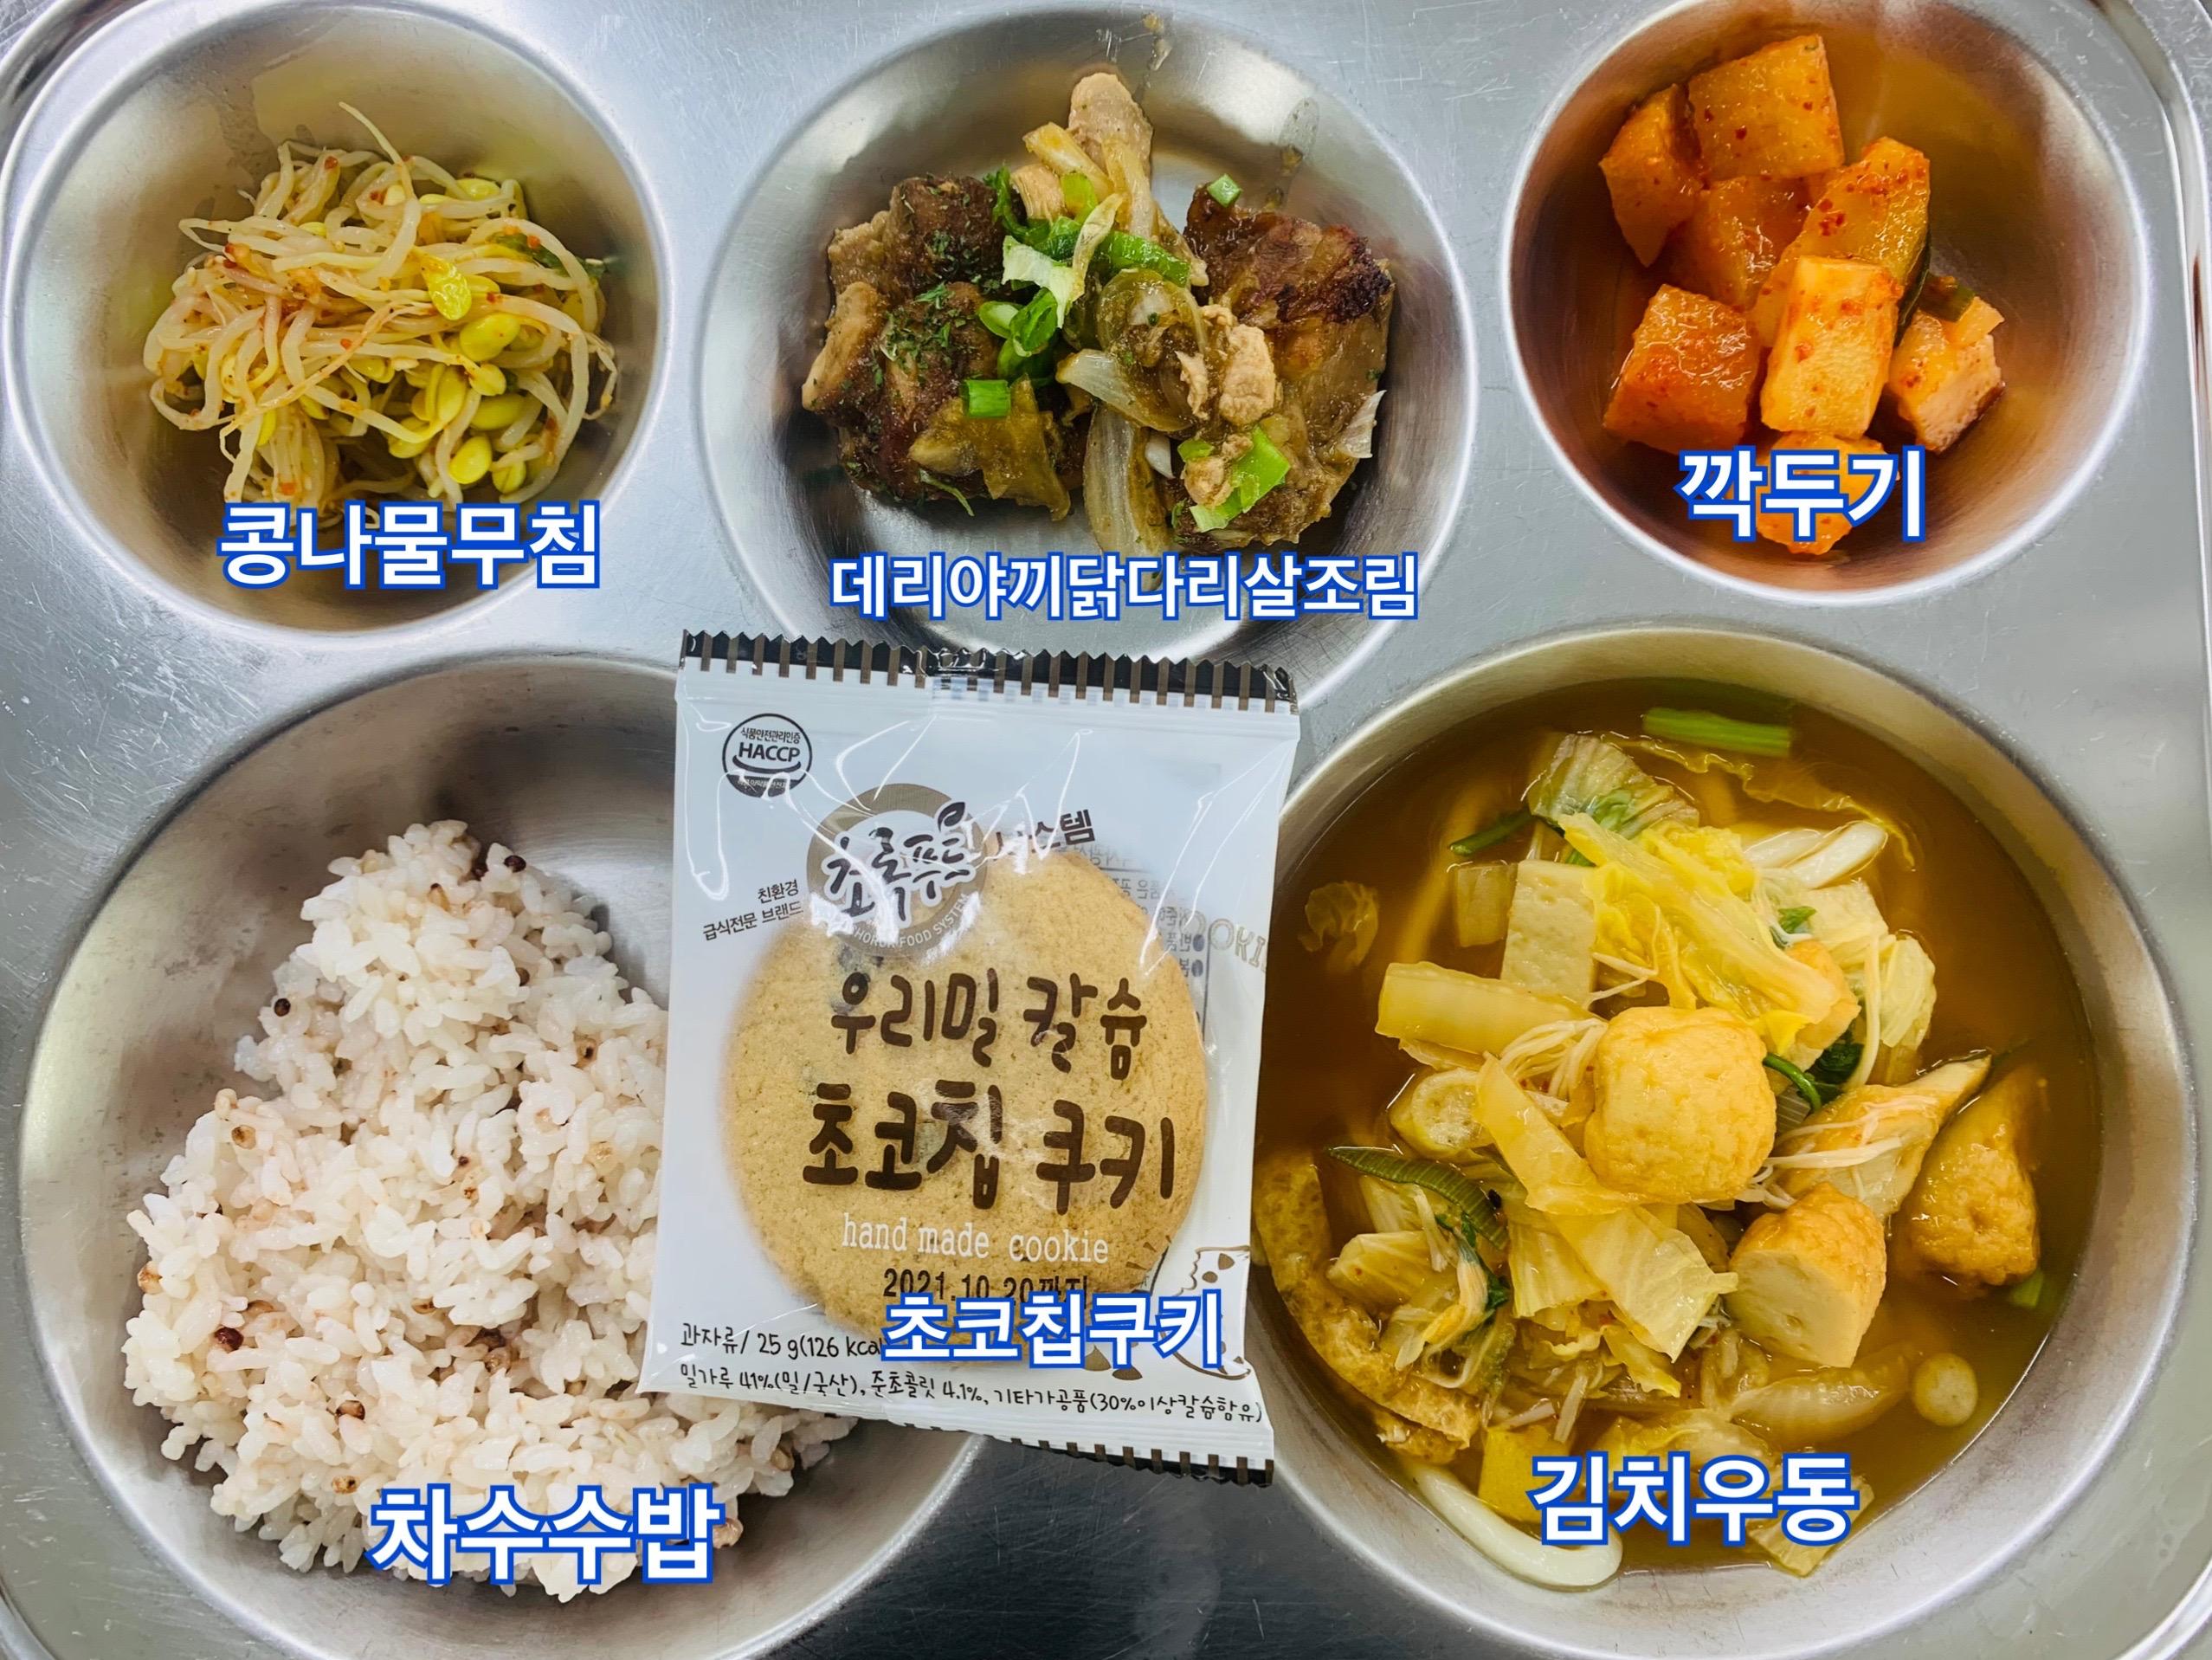 [일반] 6월 25일 식단안내의 첨부이미지 1